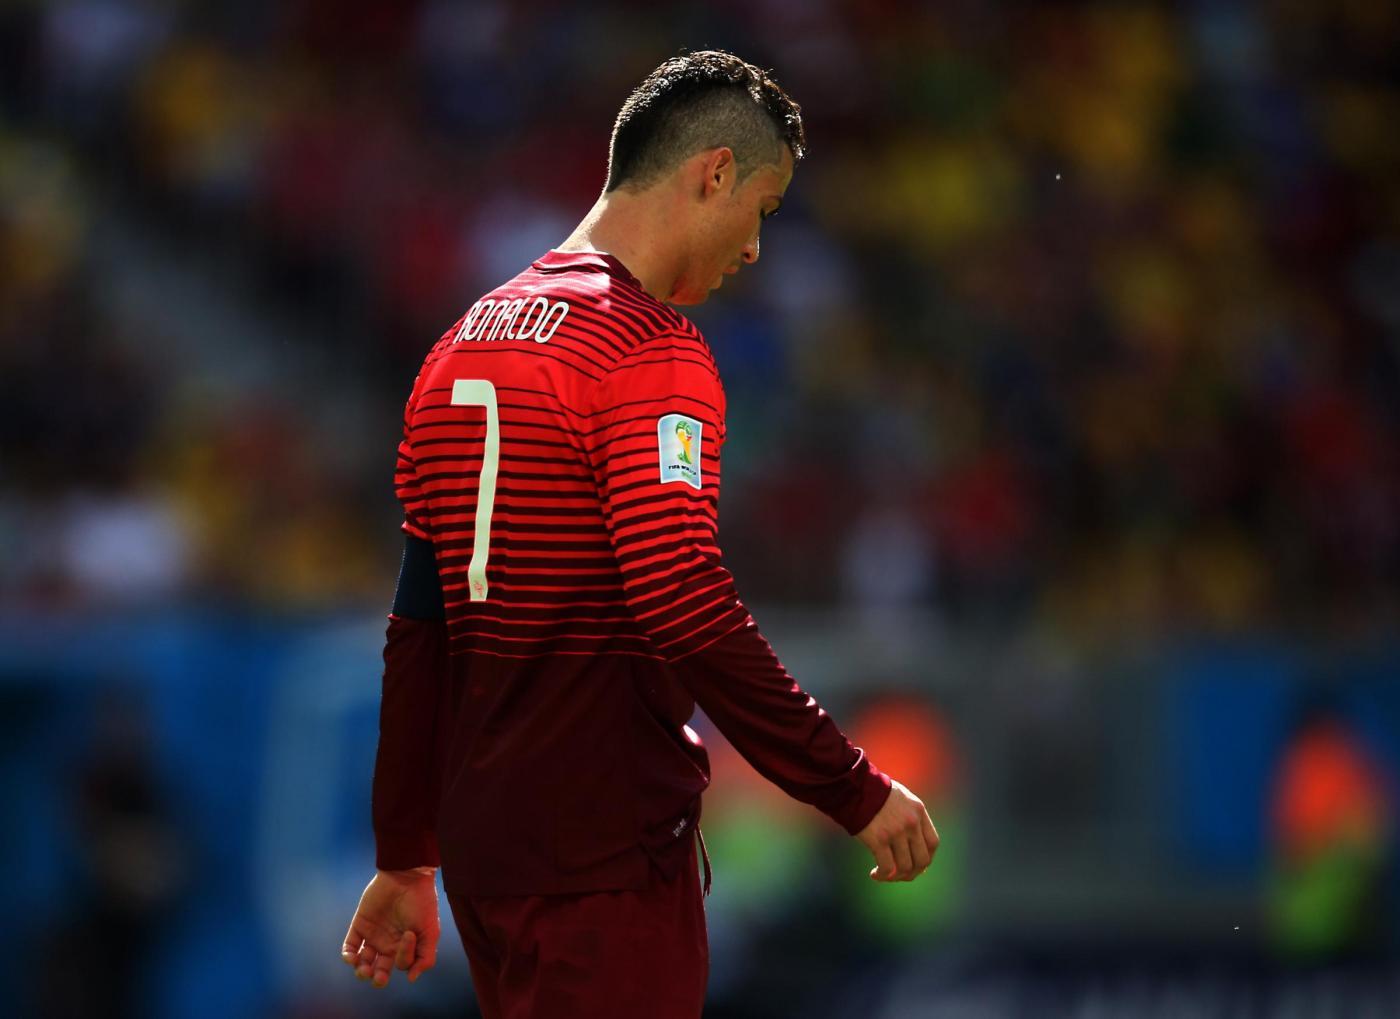 Analisi e pronostico Belgio-Portogallo 2 giugno: si gioca un'amichevole molto interessante tra nazionali che puntano a fare un grande mondiale.